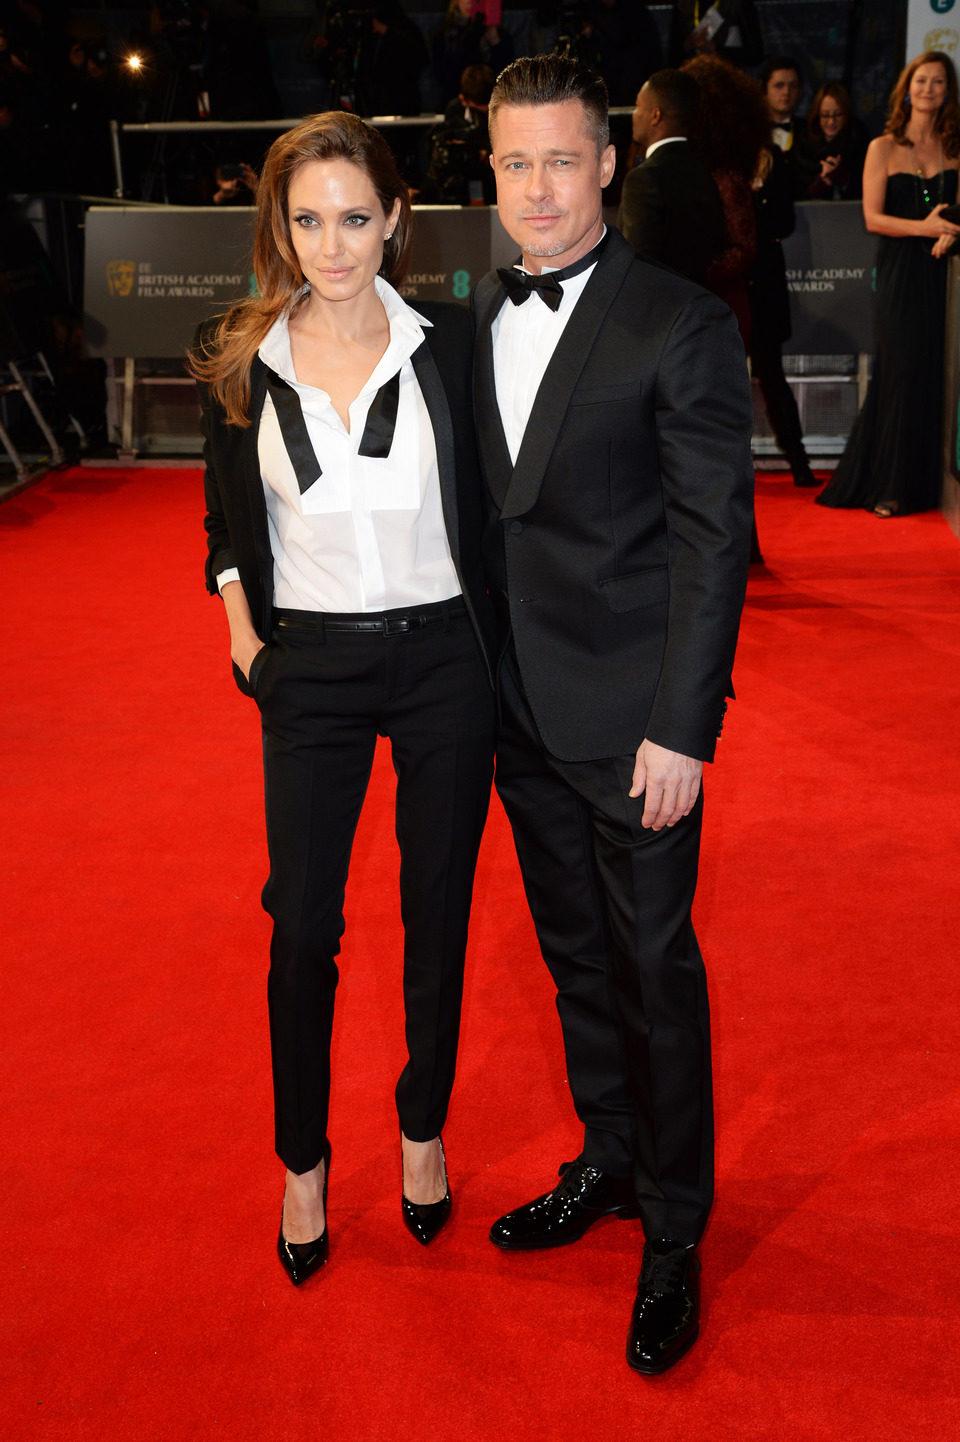 Brad Pitt y Angelina Jolie en la alfombra roja de los BAFTA 2014